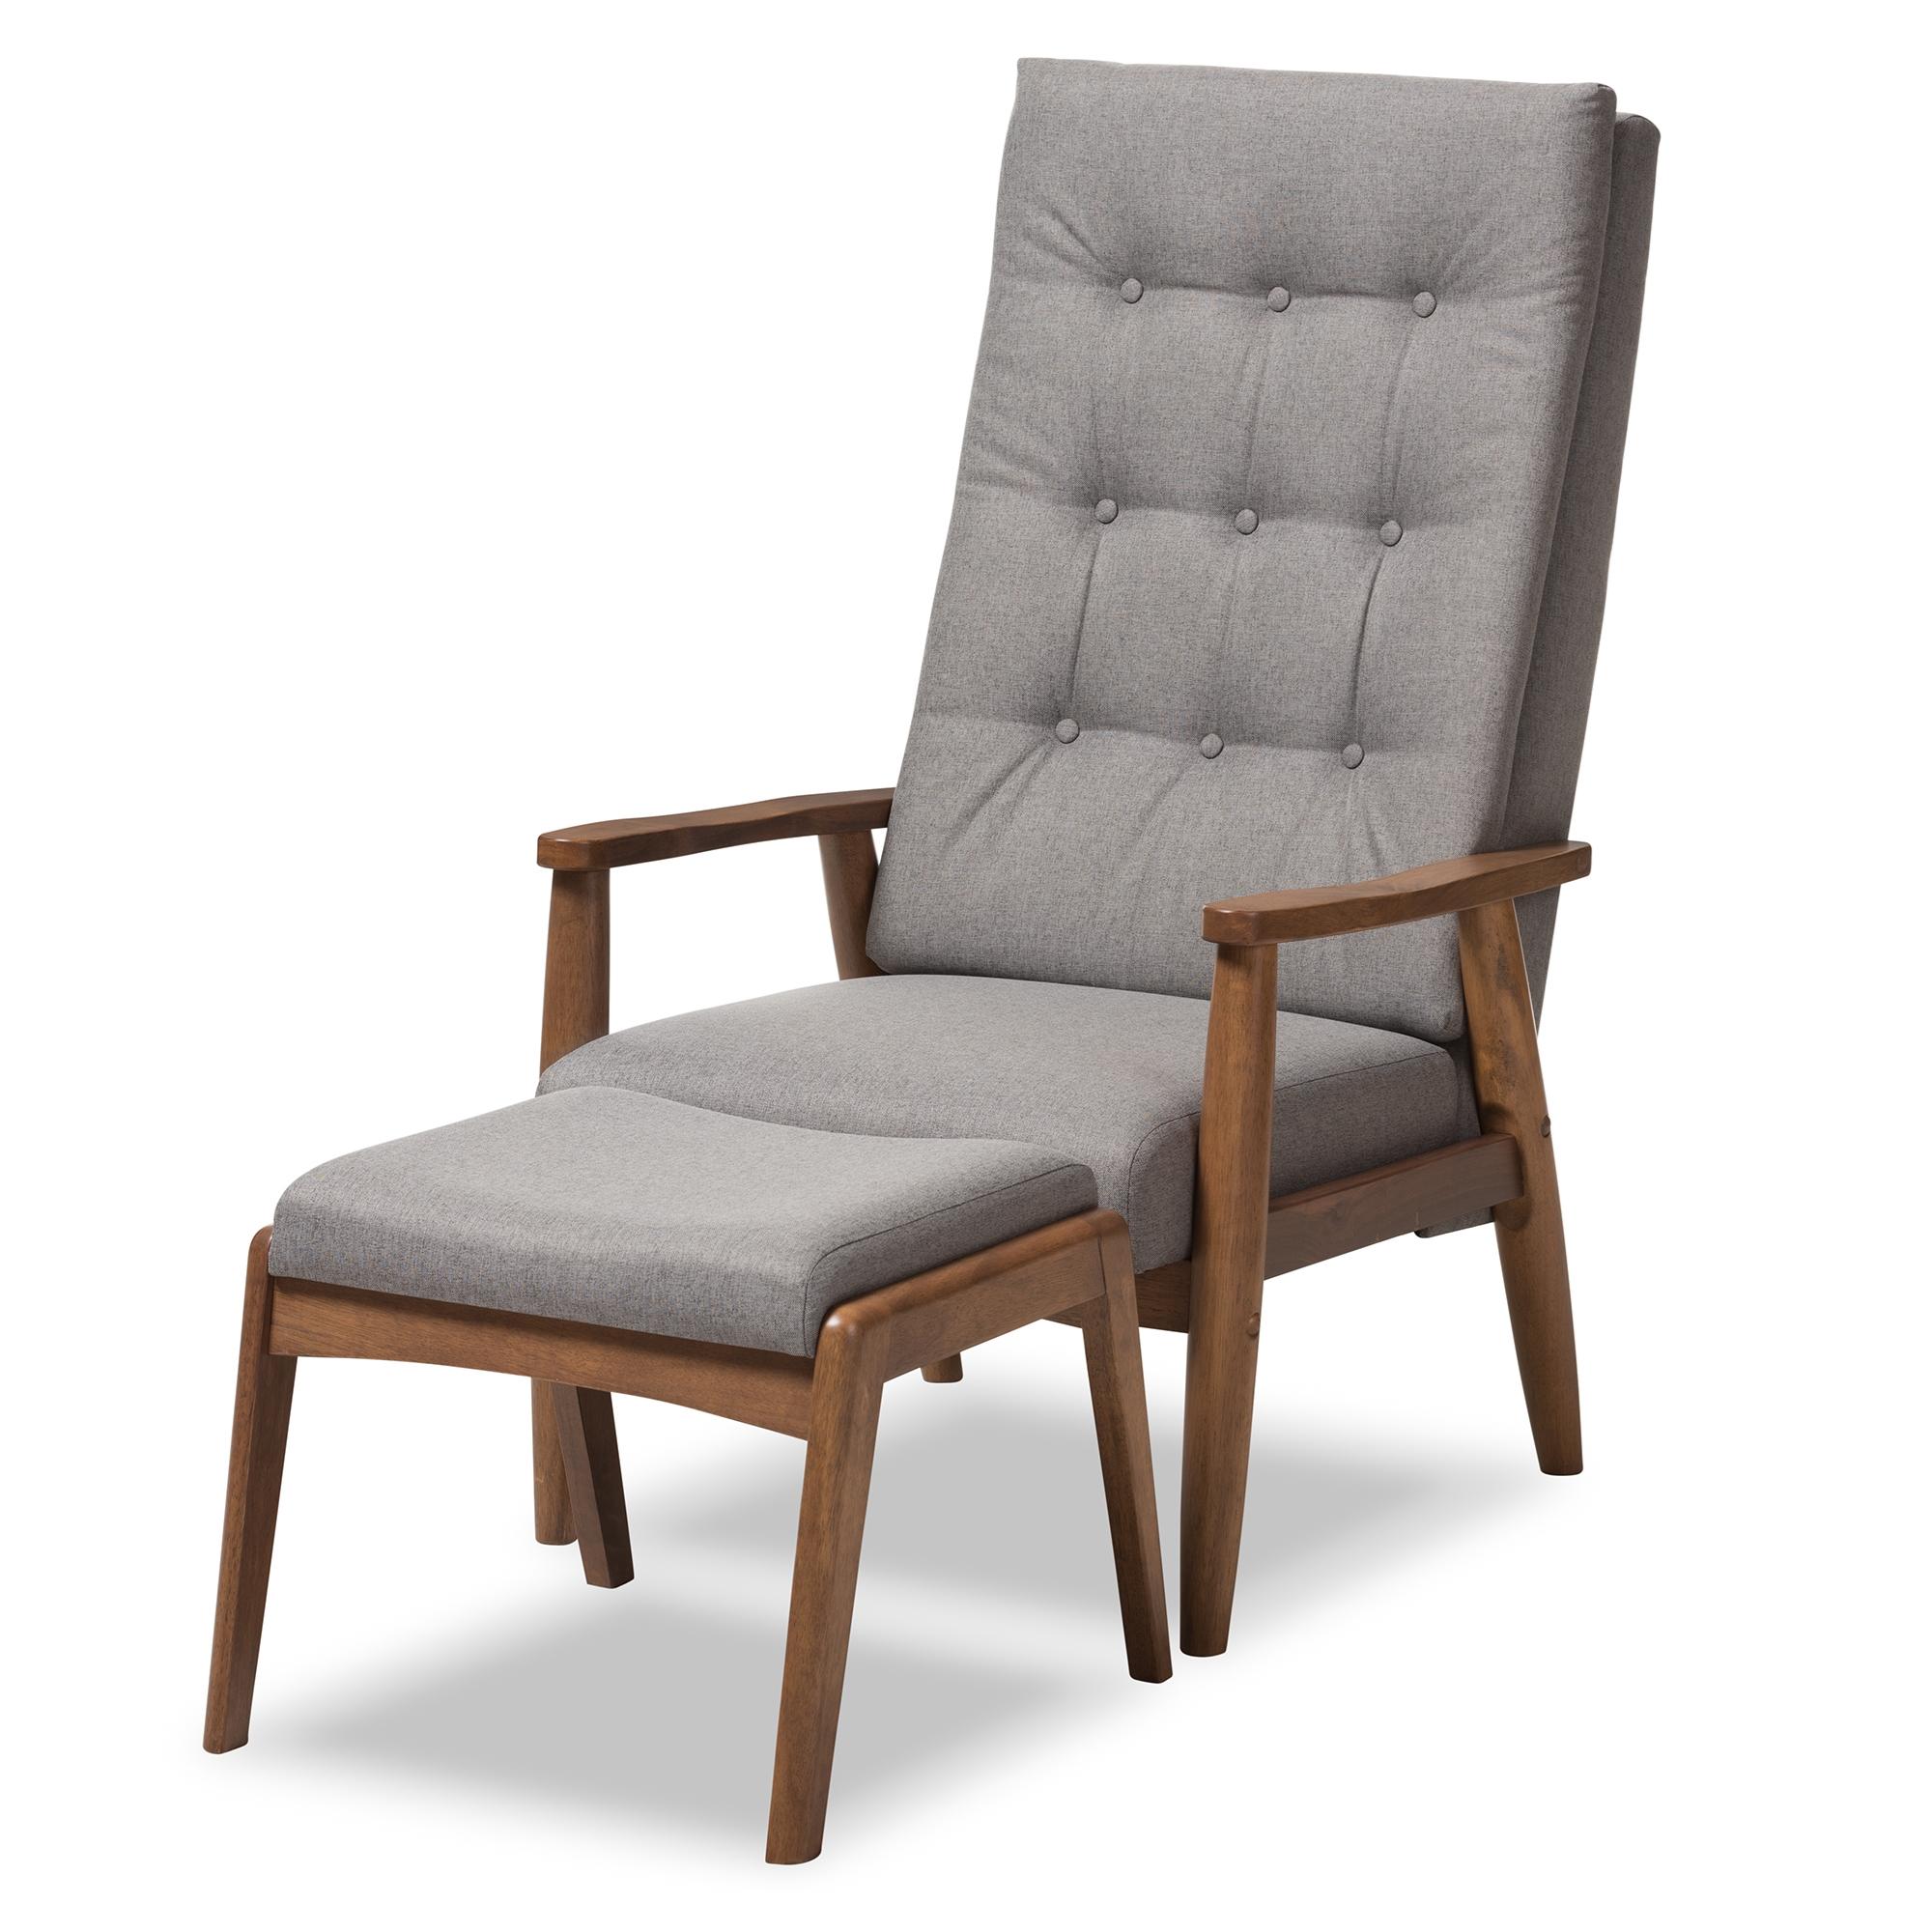 Attirant ... Wholesale Chair U0026 Ottoman Set U003e. Baxton Studio Roxy Mid Century Modern  Walnut Wood Finishing And Grey Fabric Upholstered Button  ...